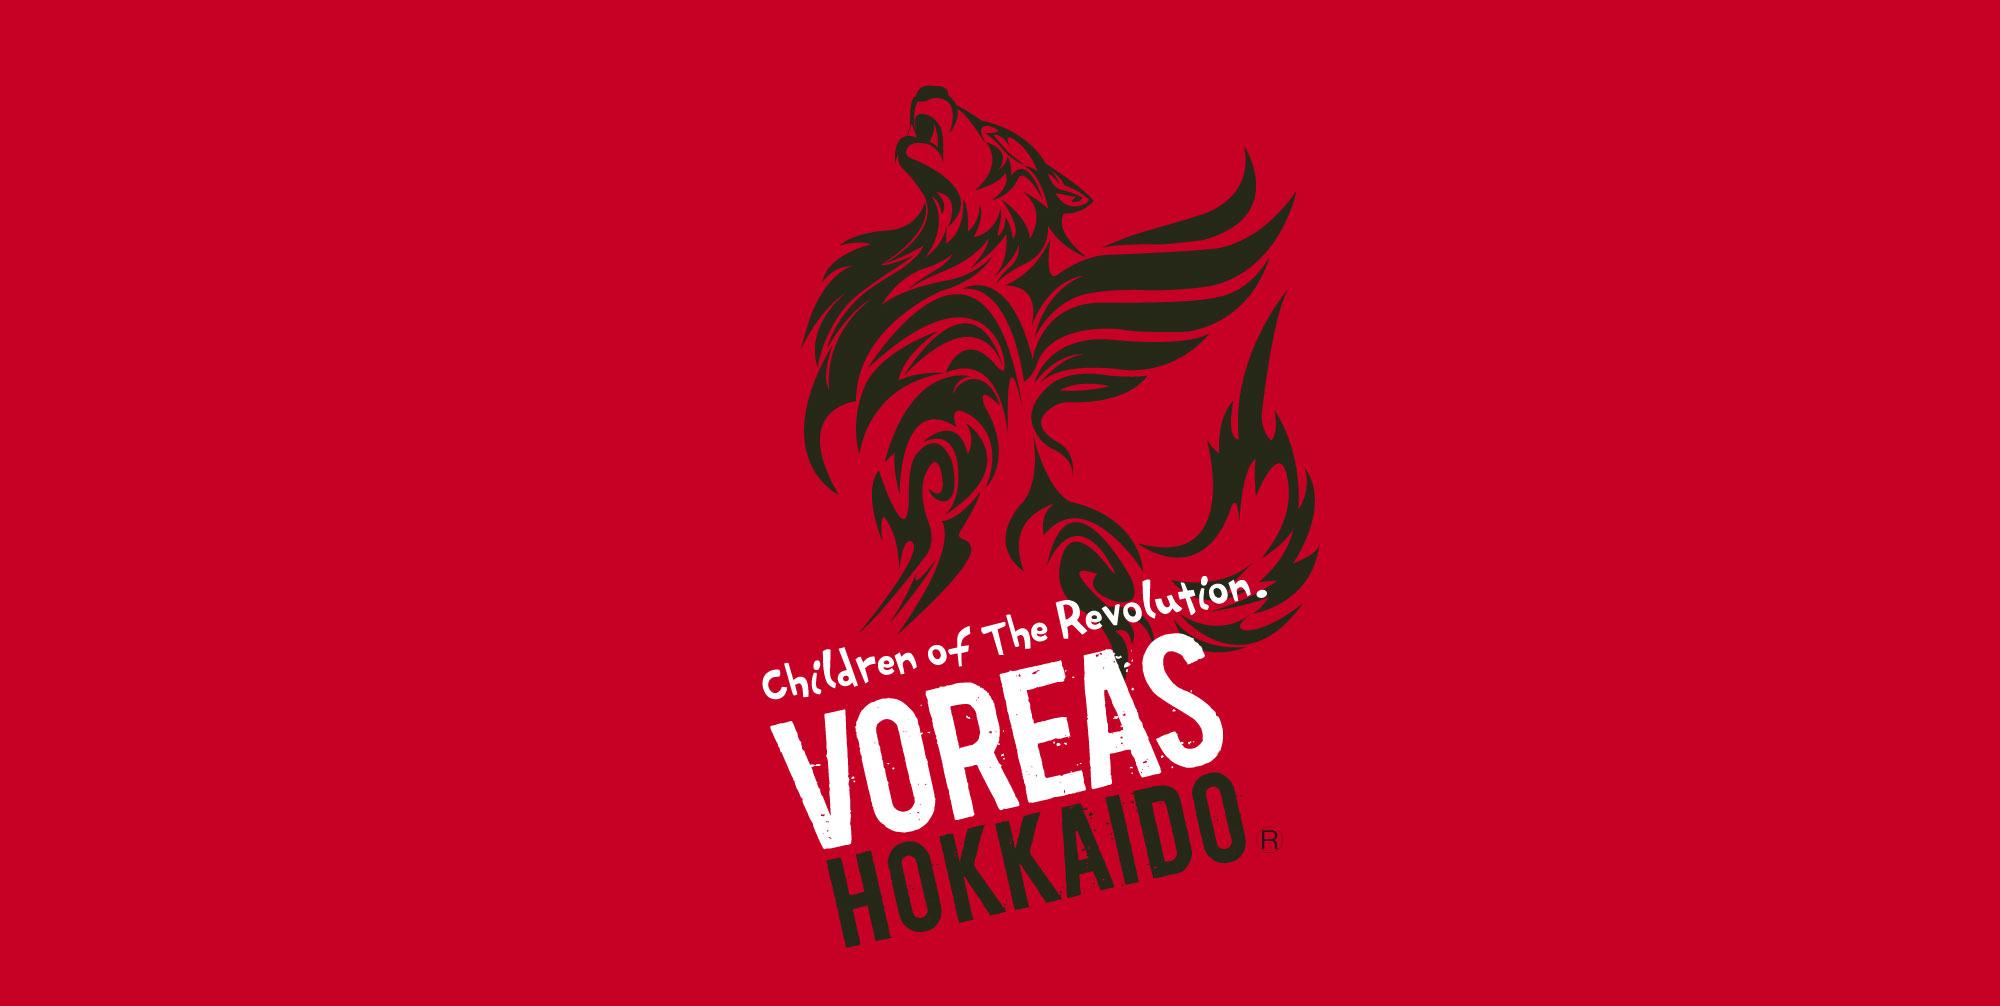 公式】VOREAS HOKKAIDO(ヴォレ...